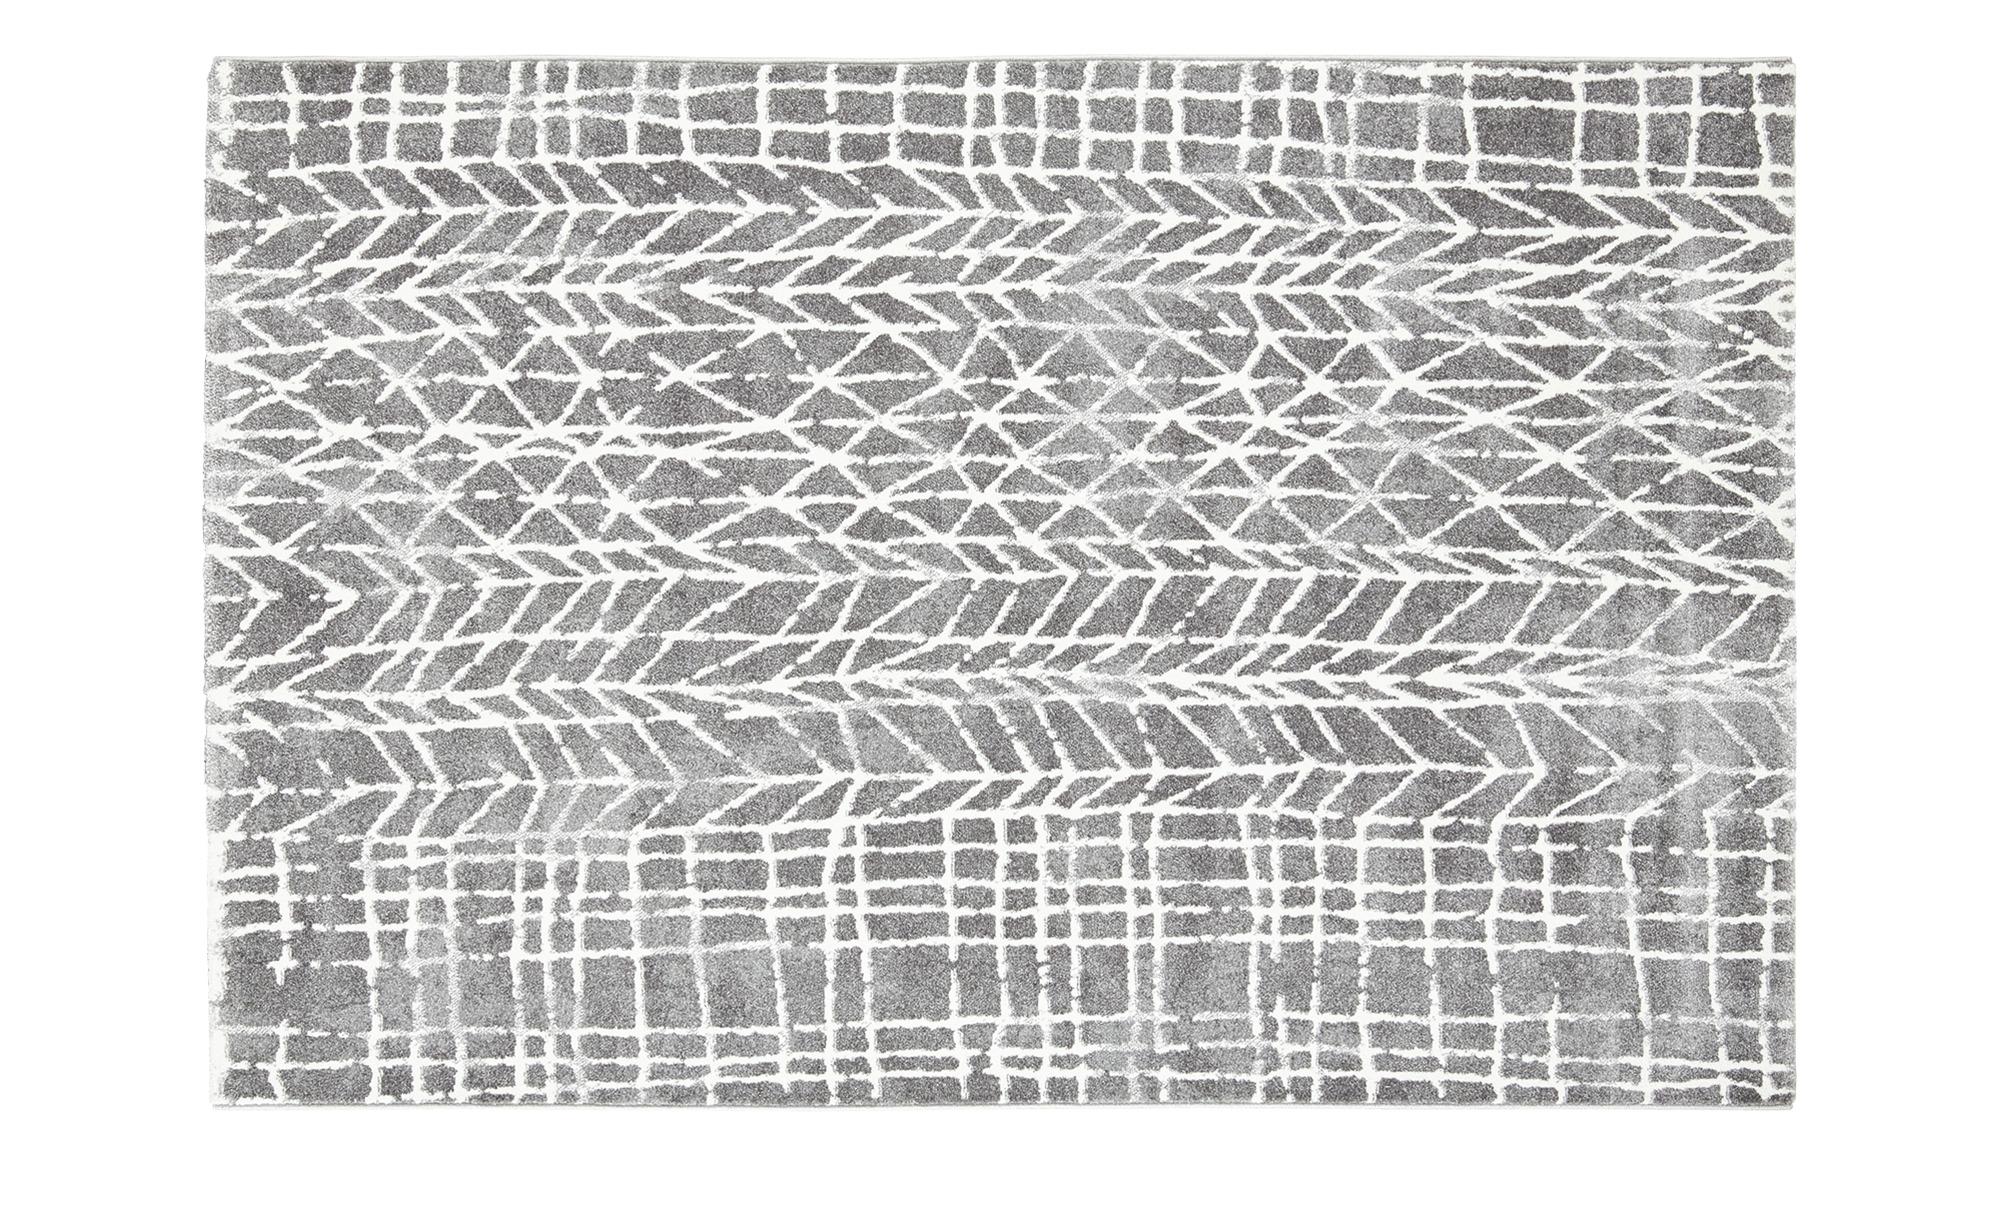 Webteppich  MoveOne ¦ grau ¦ 100% Polypropylen, Synthethische Fasern ¦ Maße (cm): B: 80 Teppiche > Wohnteppiche - Höffner